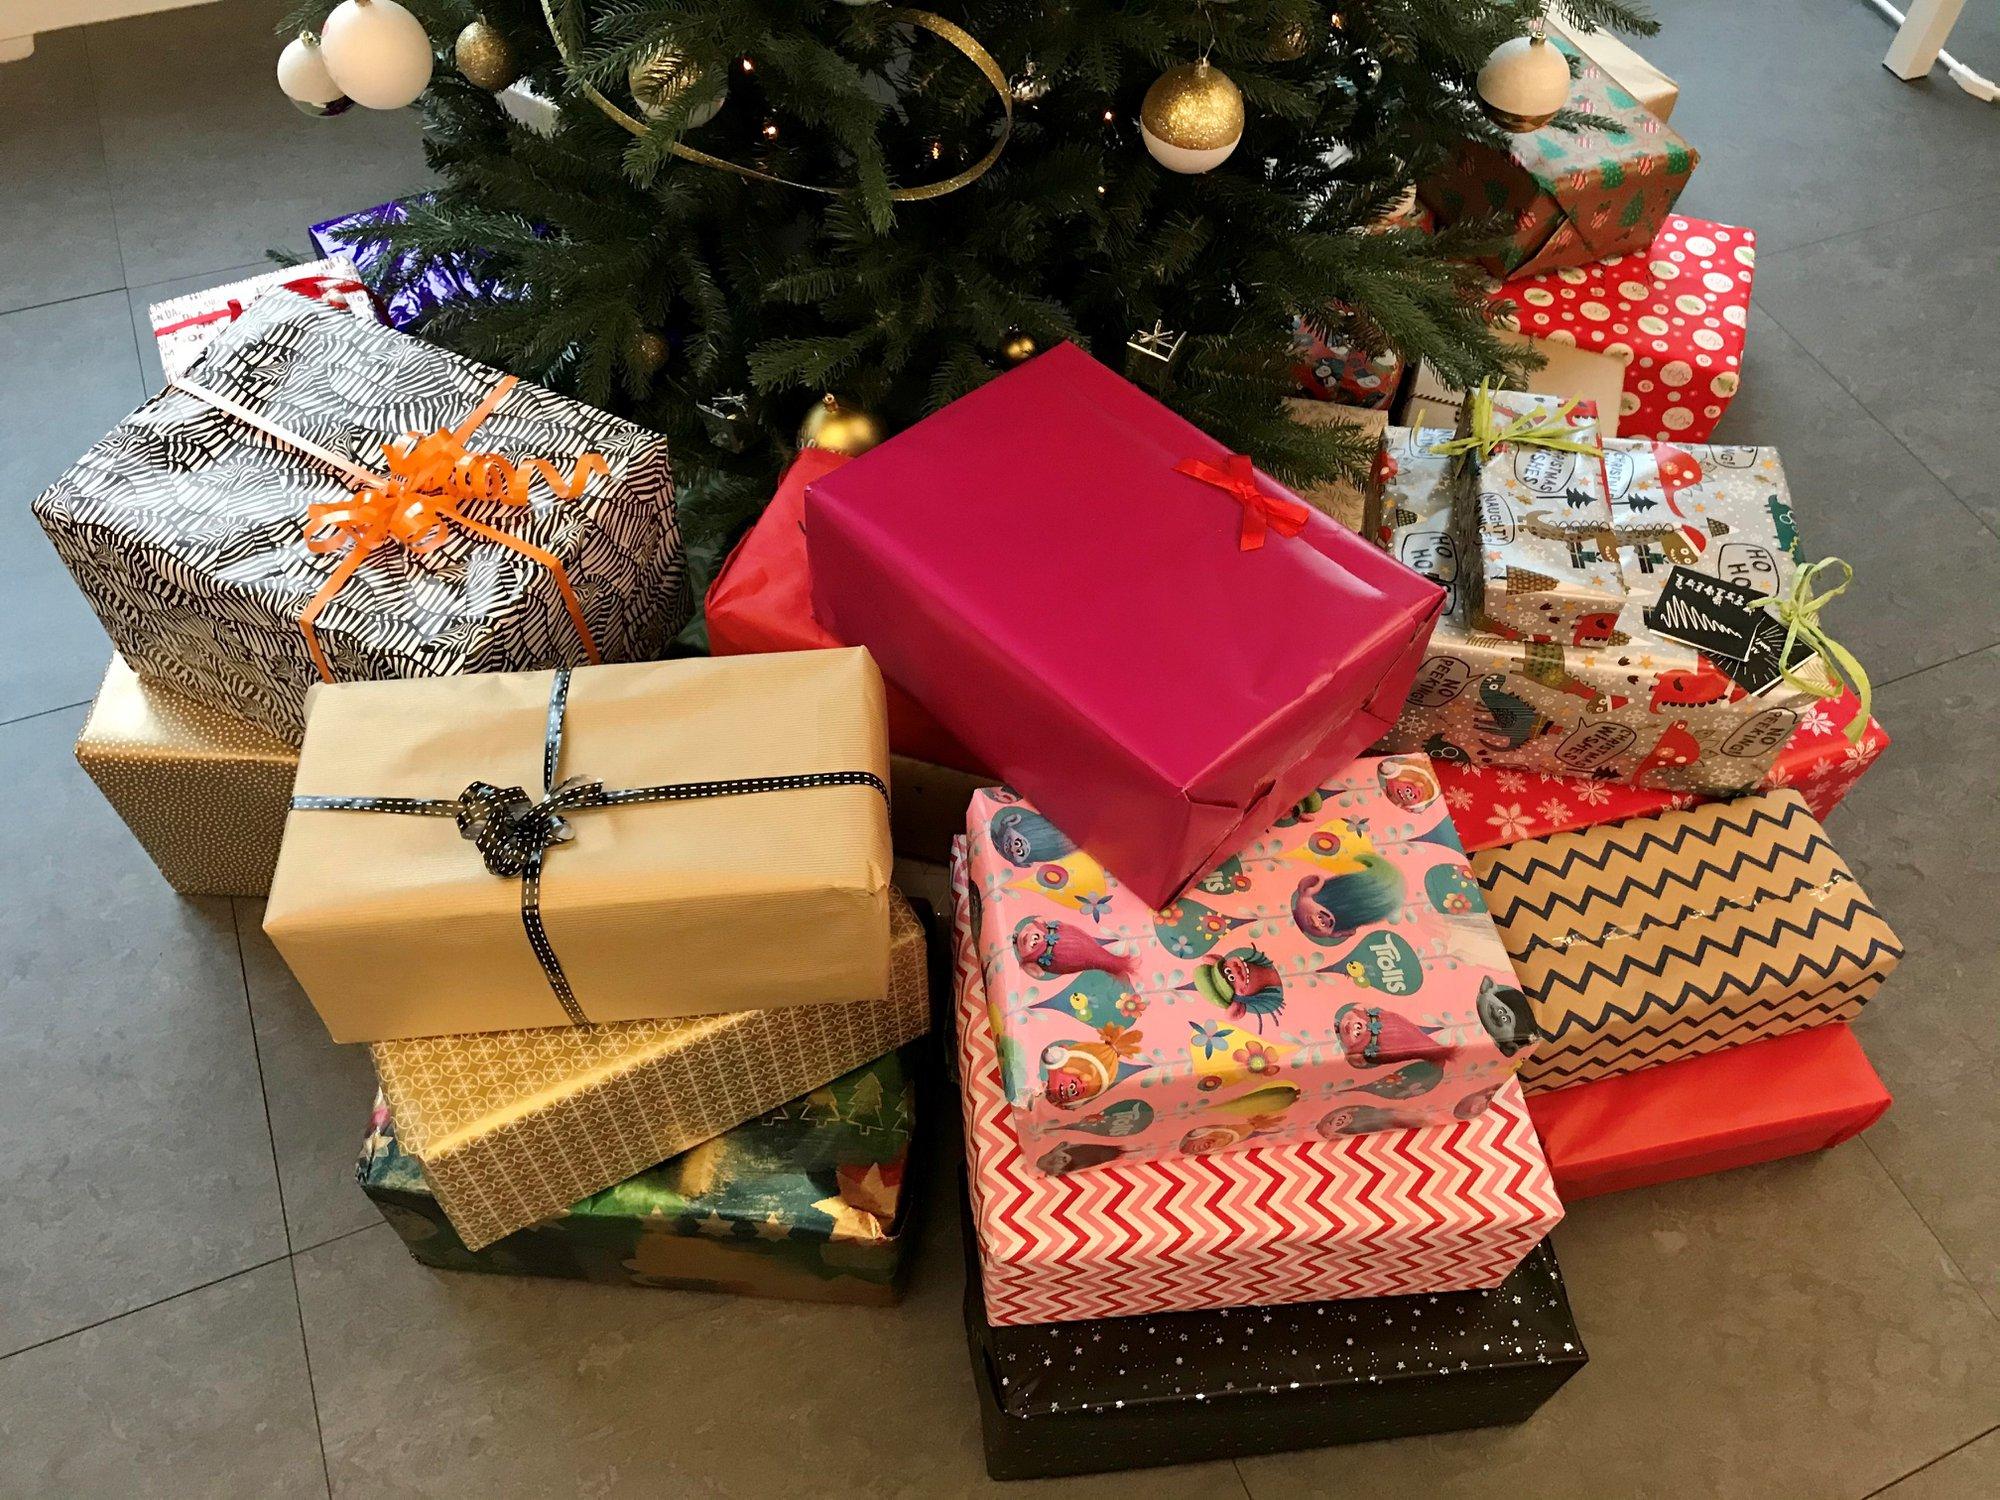 Heerlijke pakjes onder de kerstboom van IGEMO voor vzw De Keeting